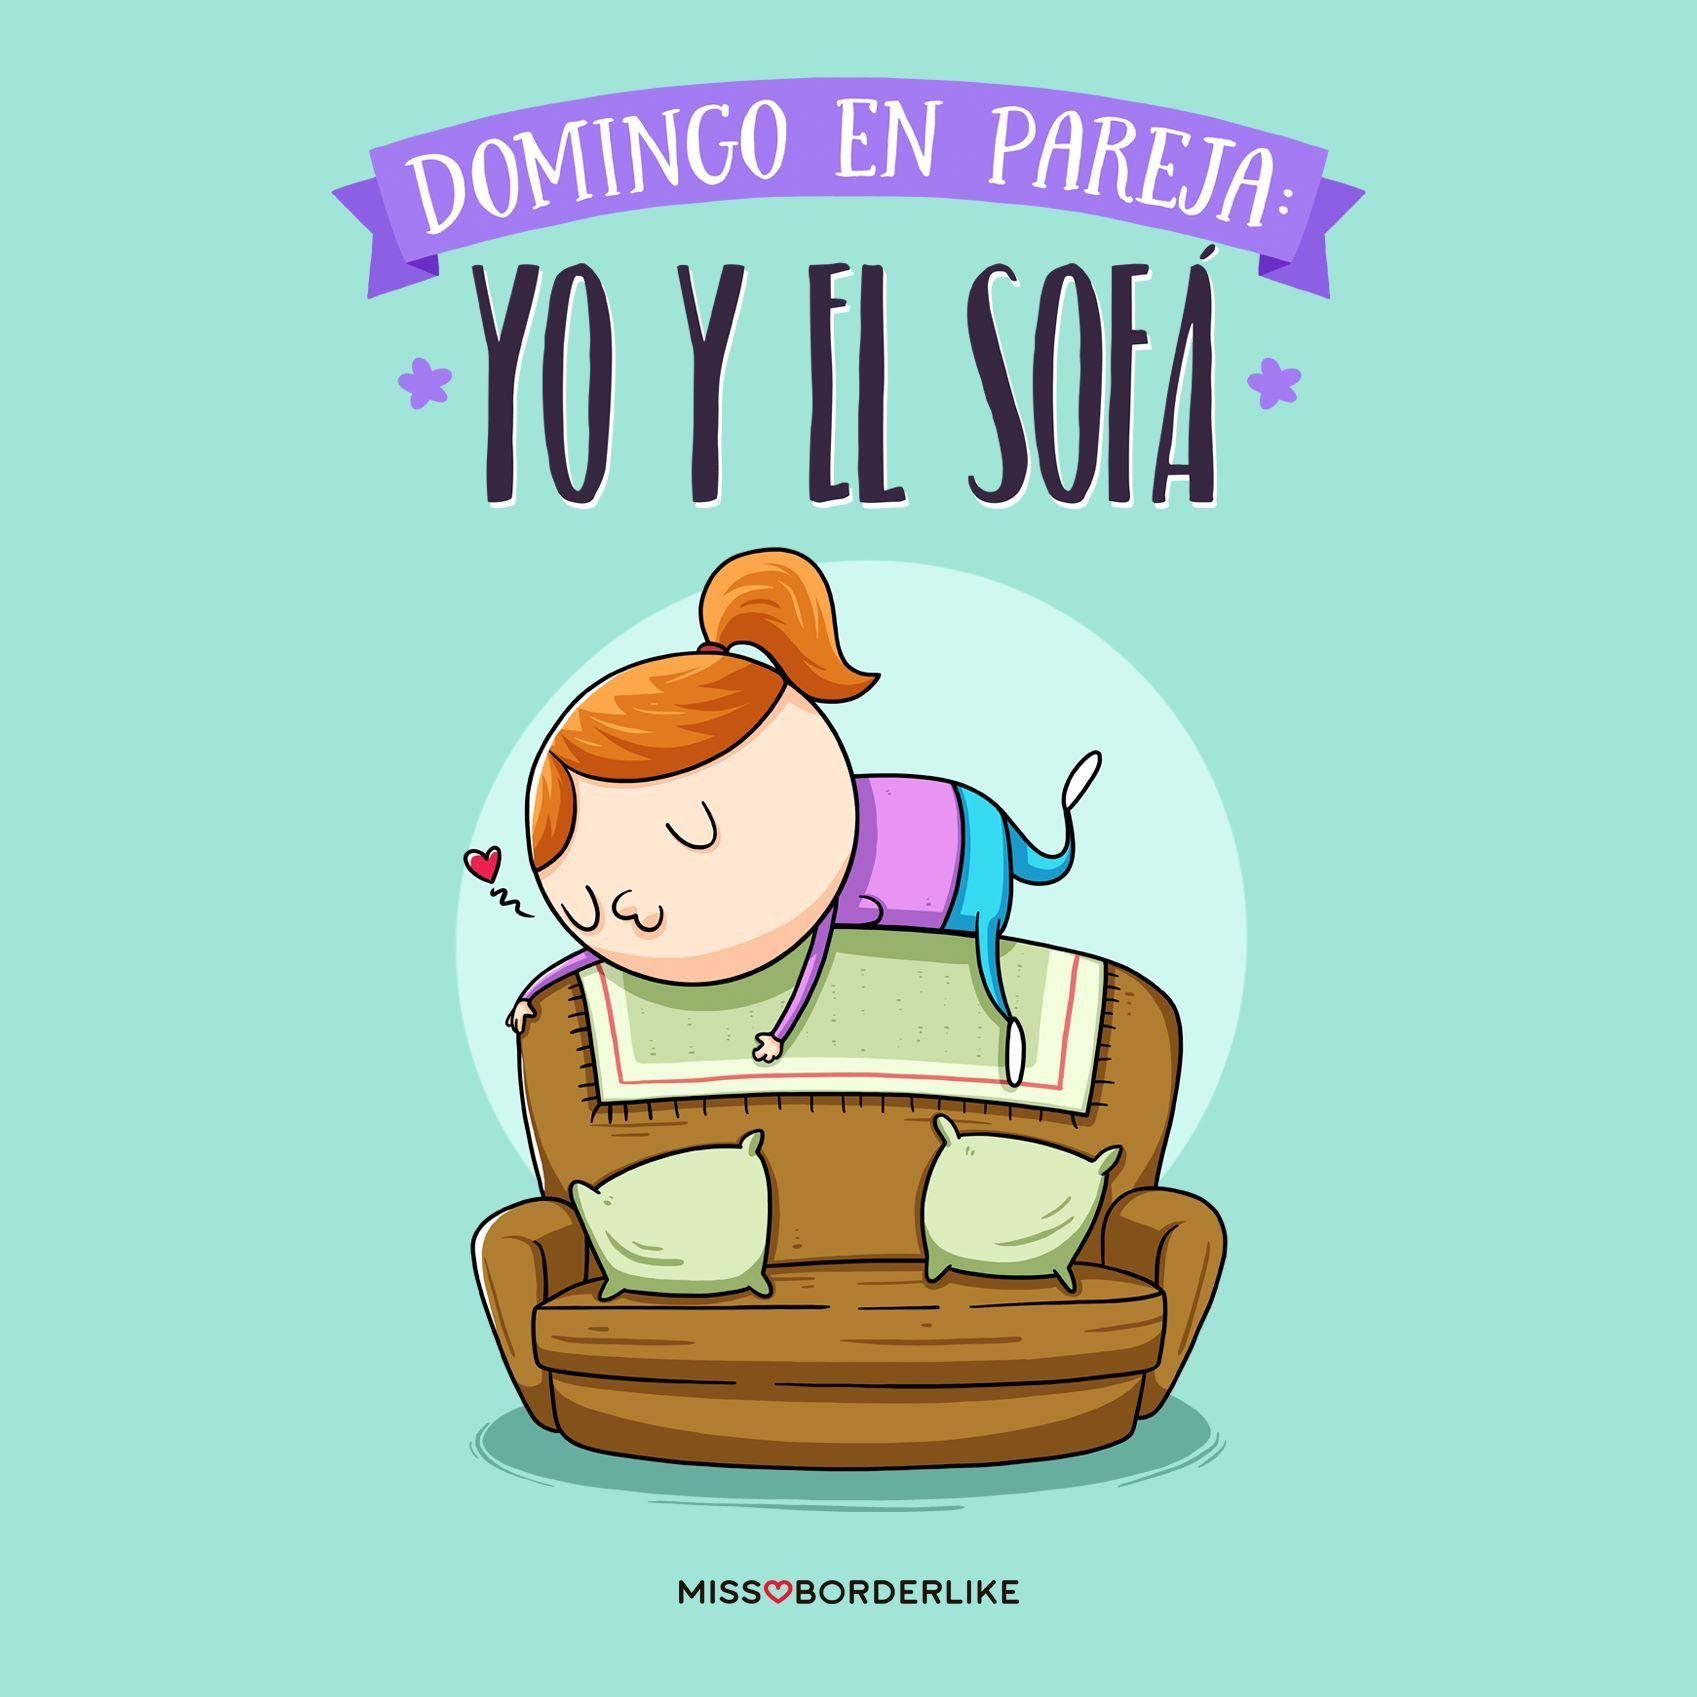 Domingo En Pareja Yo Y El Sofá Frases Humor Divertida